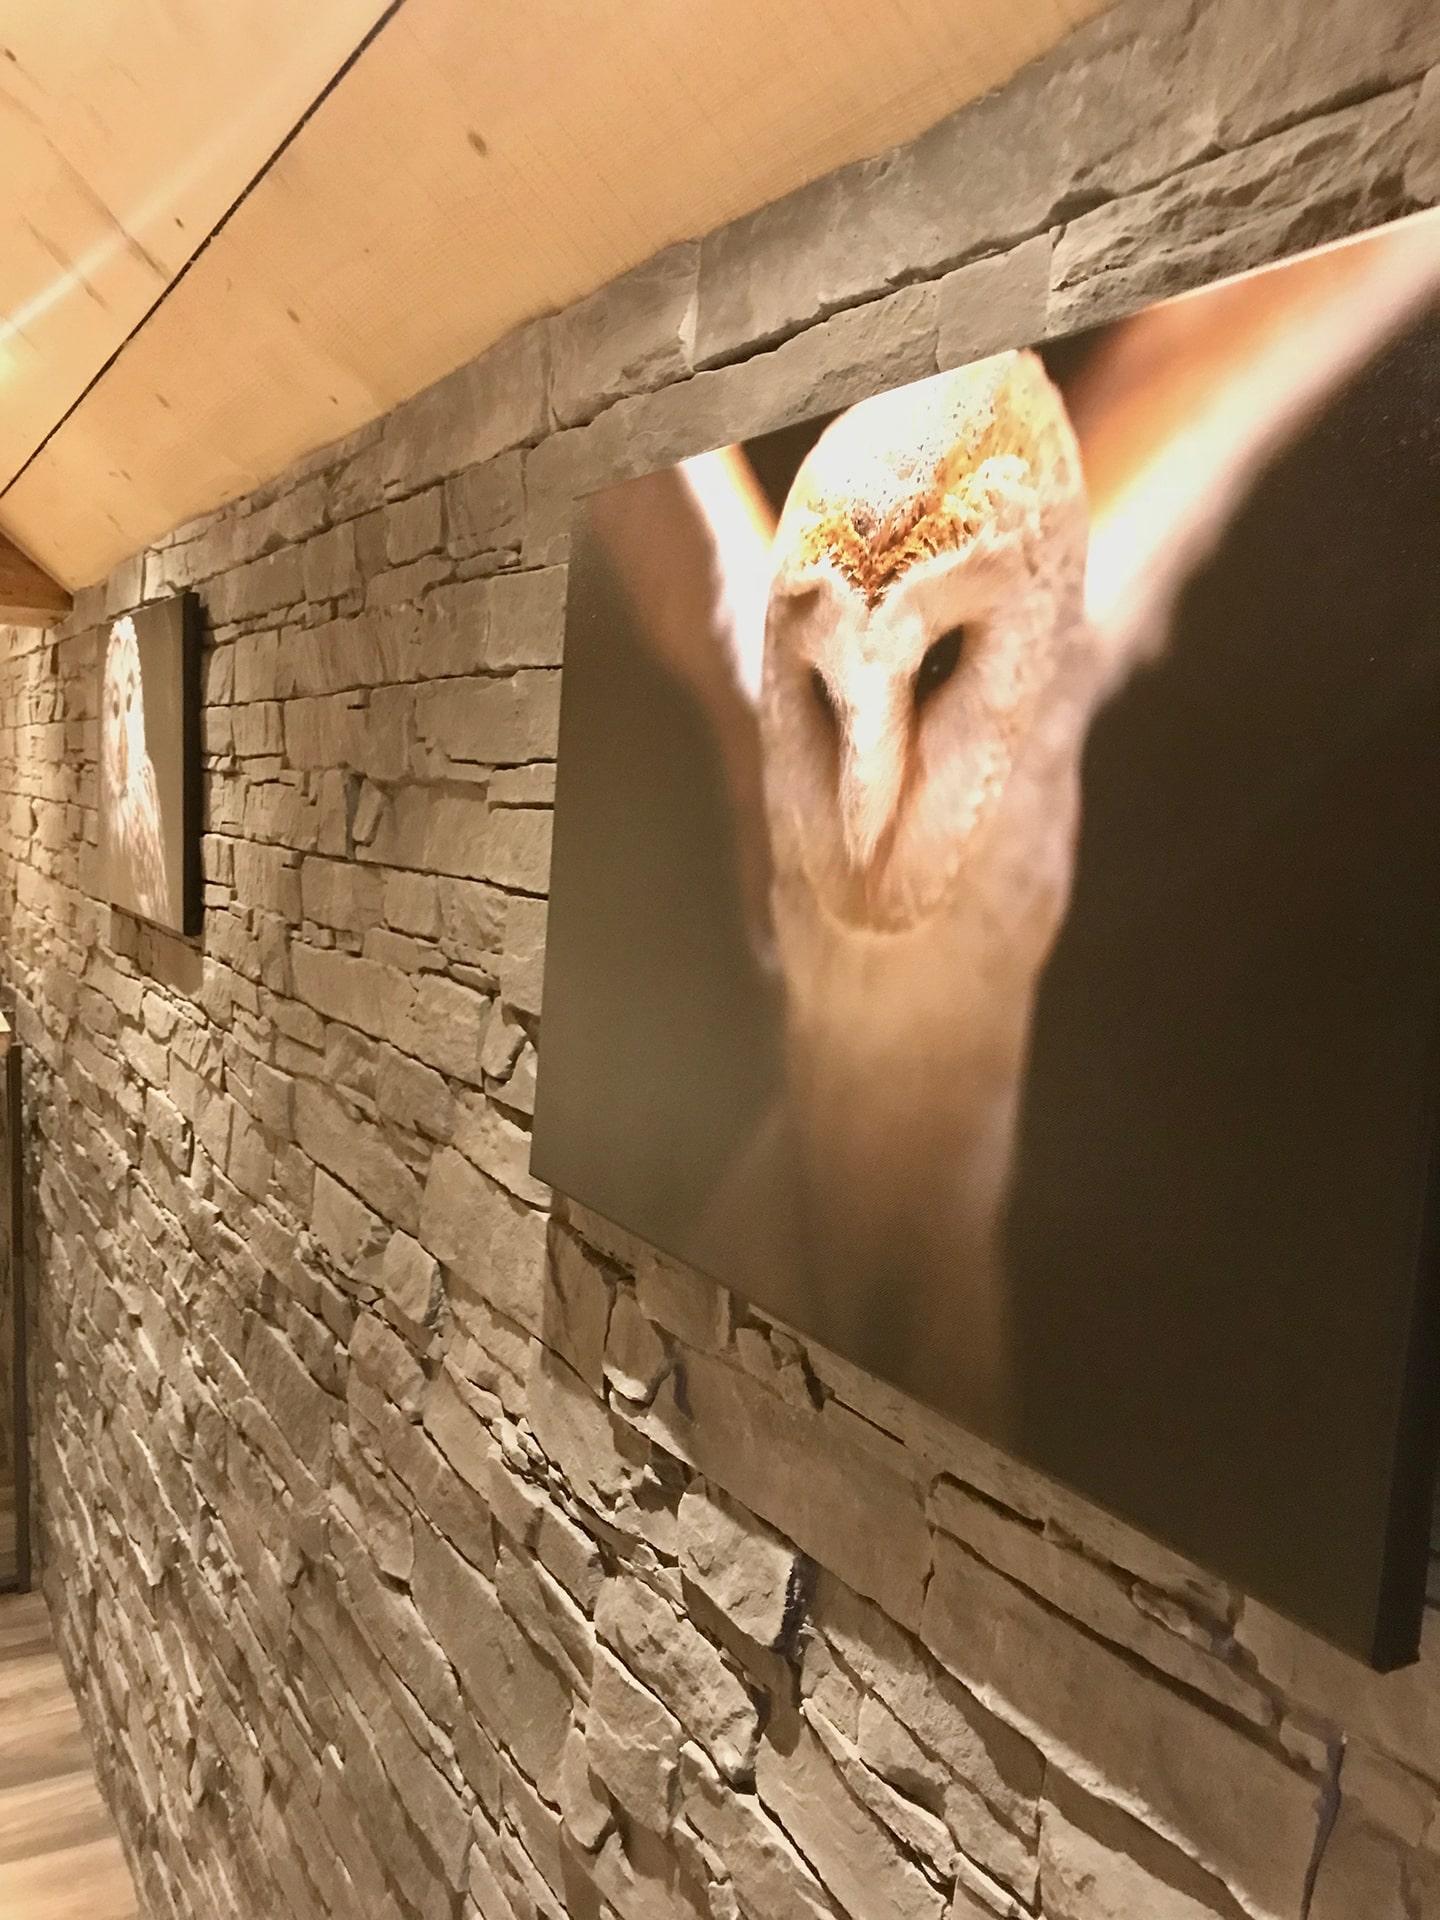 Blog Lifestyle - De magnifiques tableaux dans les chambres - Saskia Parein